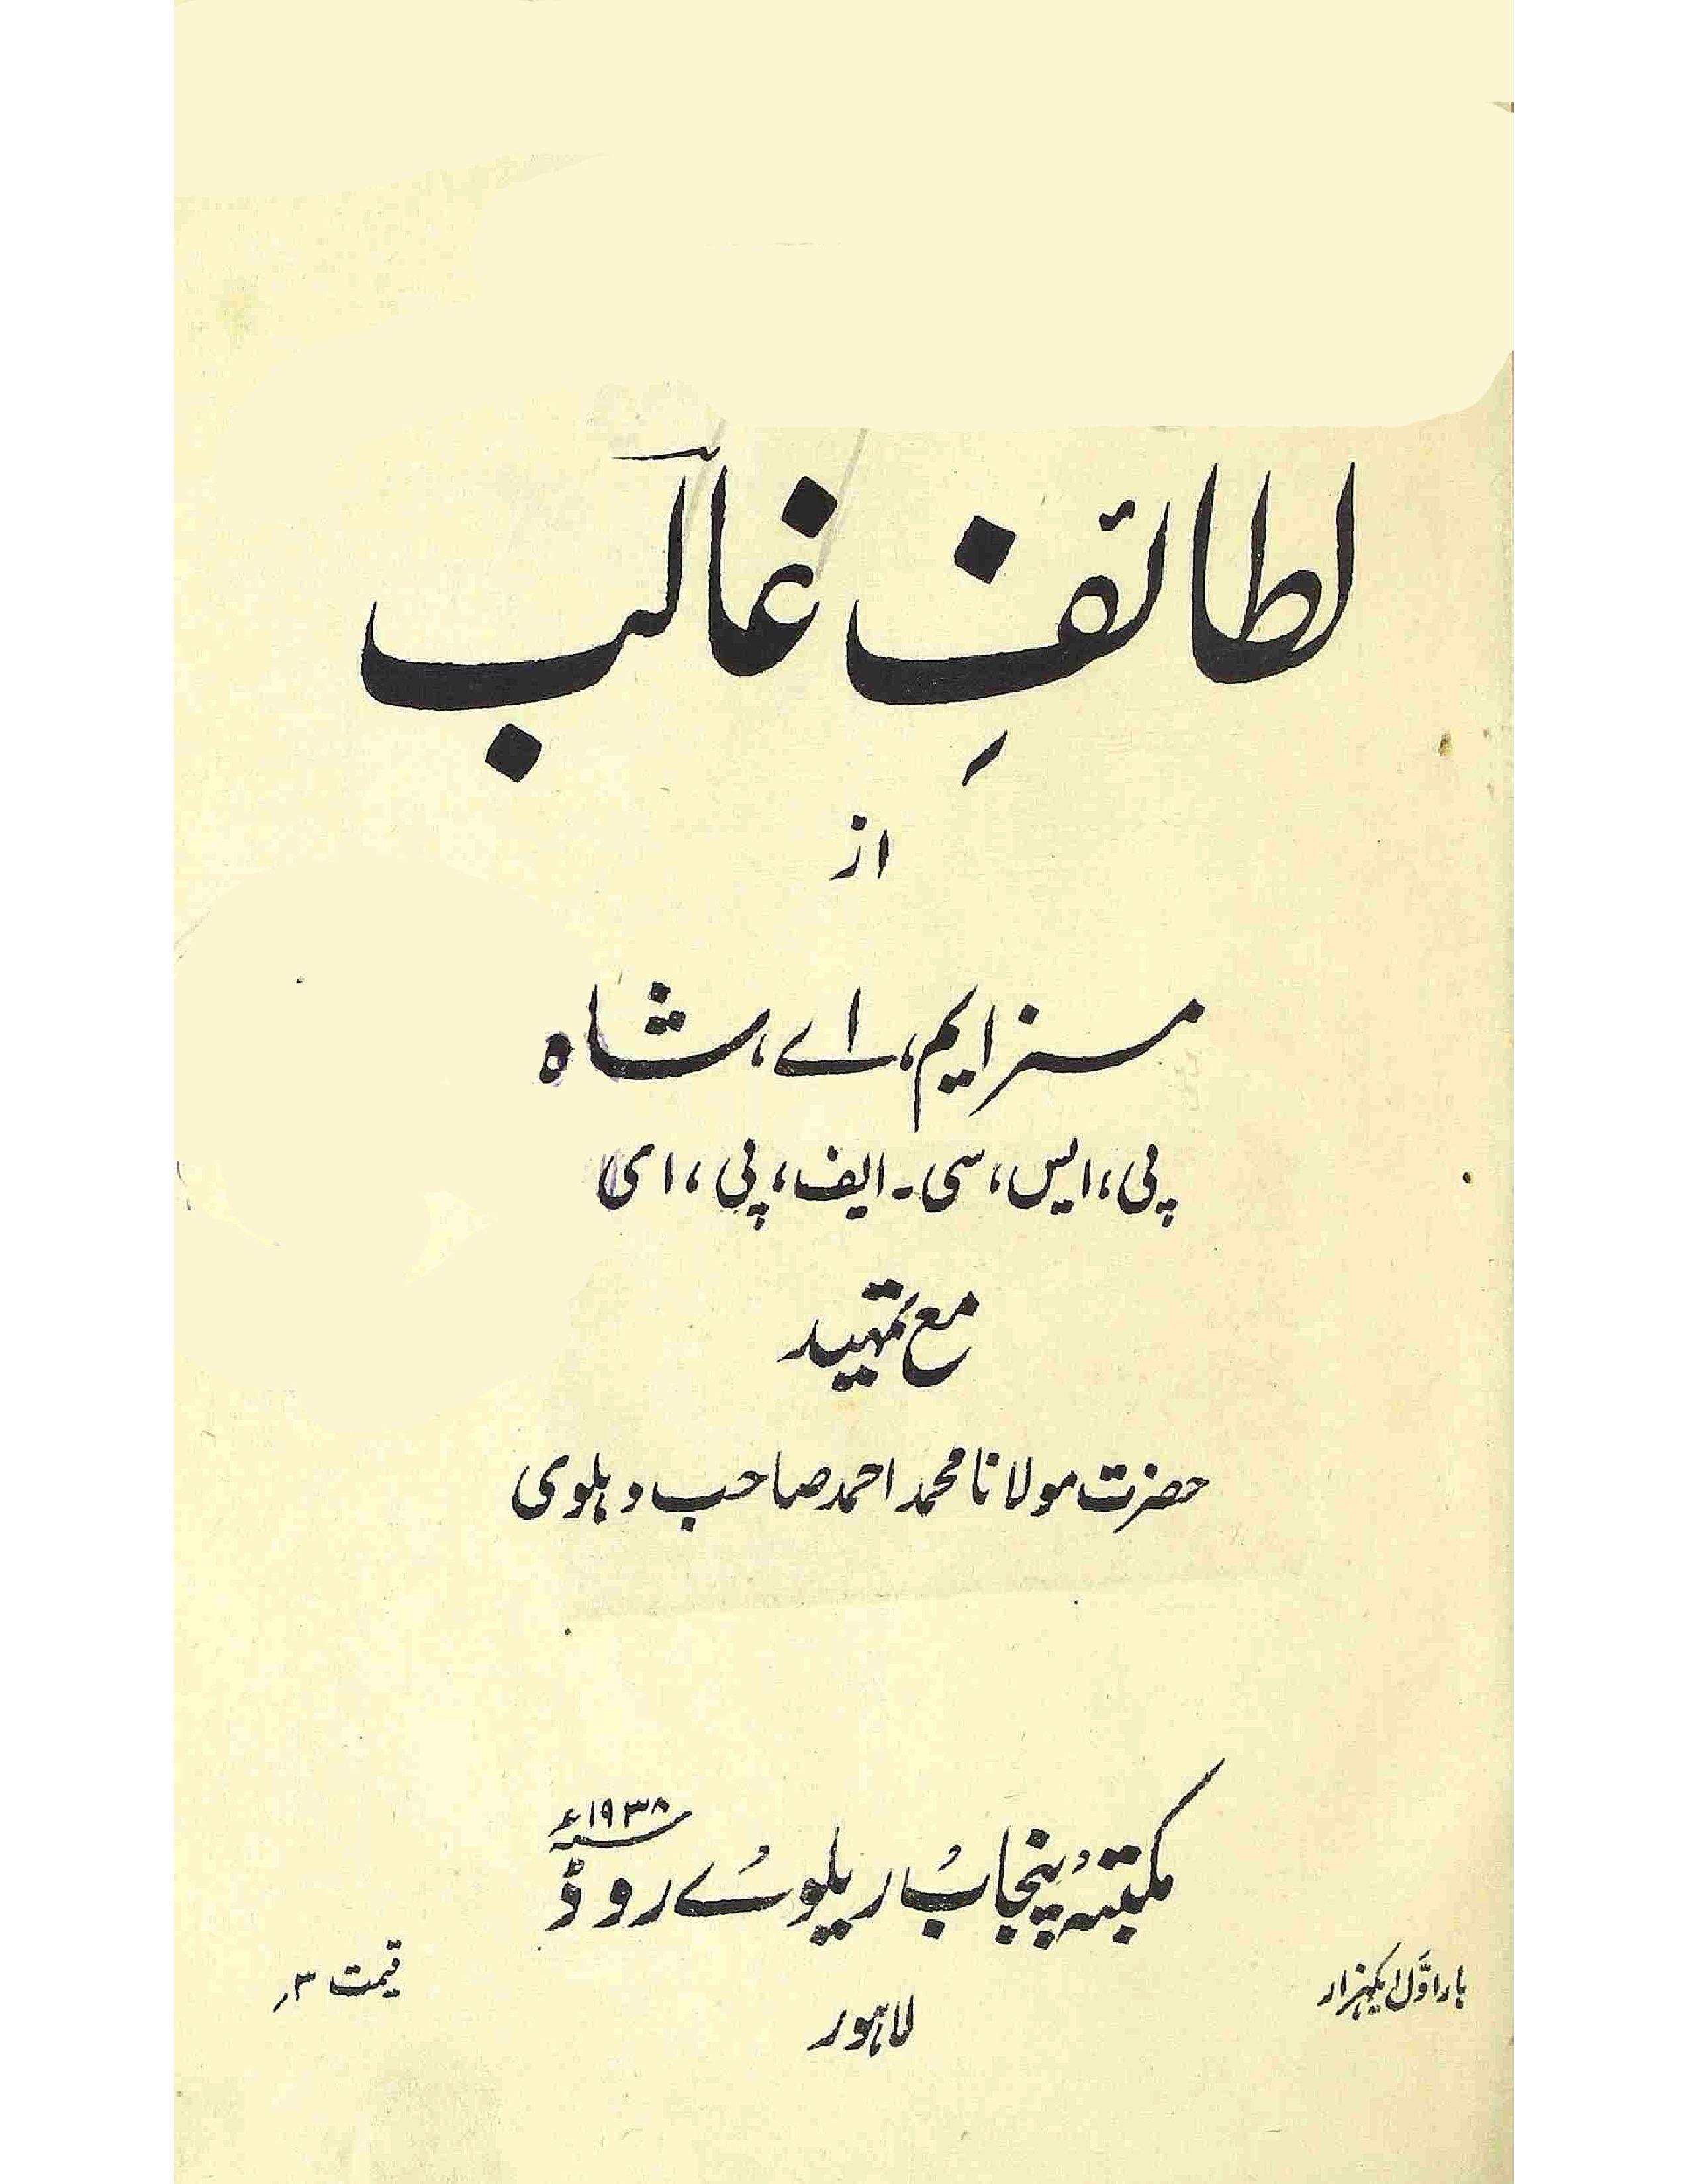 Lataif-e-Ghalib